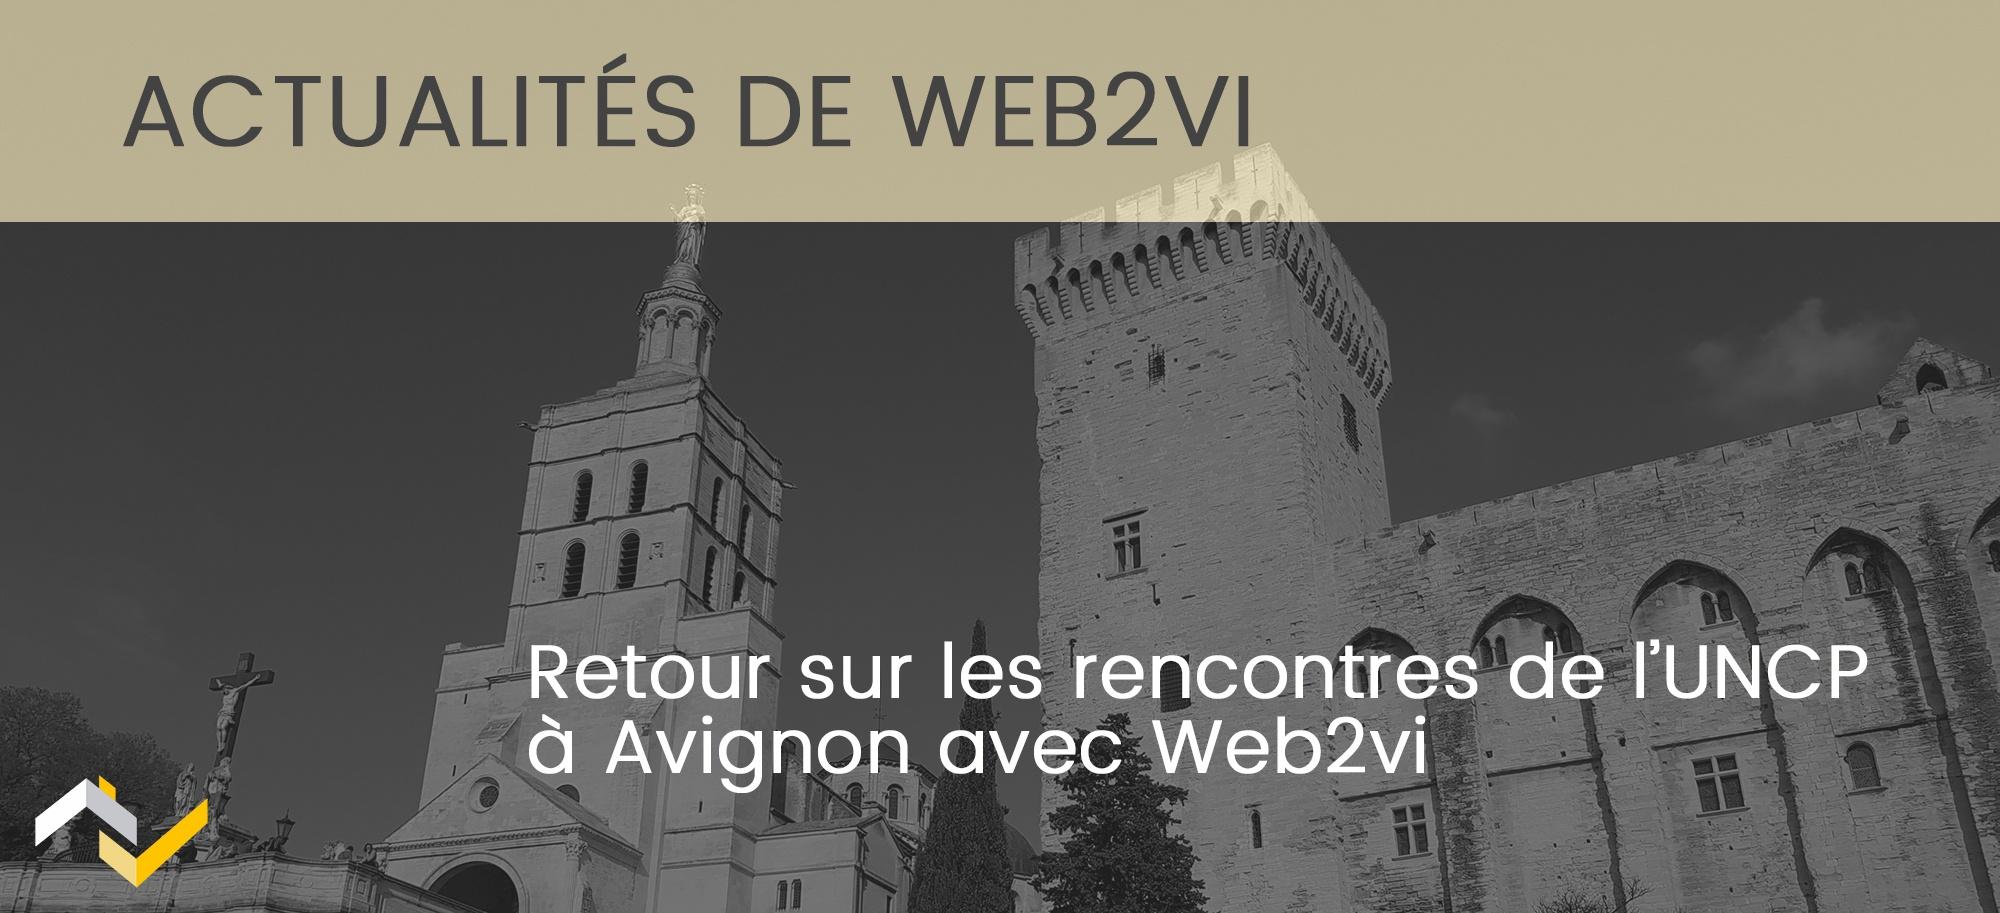 Photos : Web2vi était aux rencontres de l'UNCP à Avignon